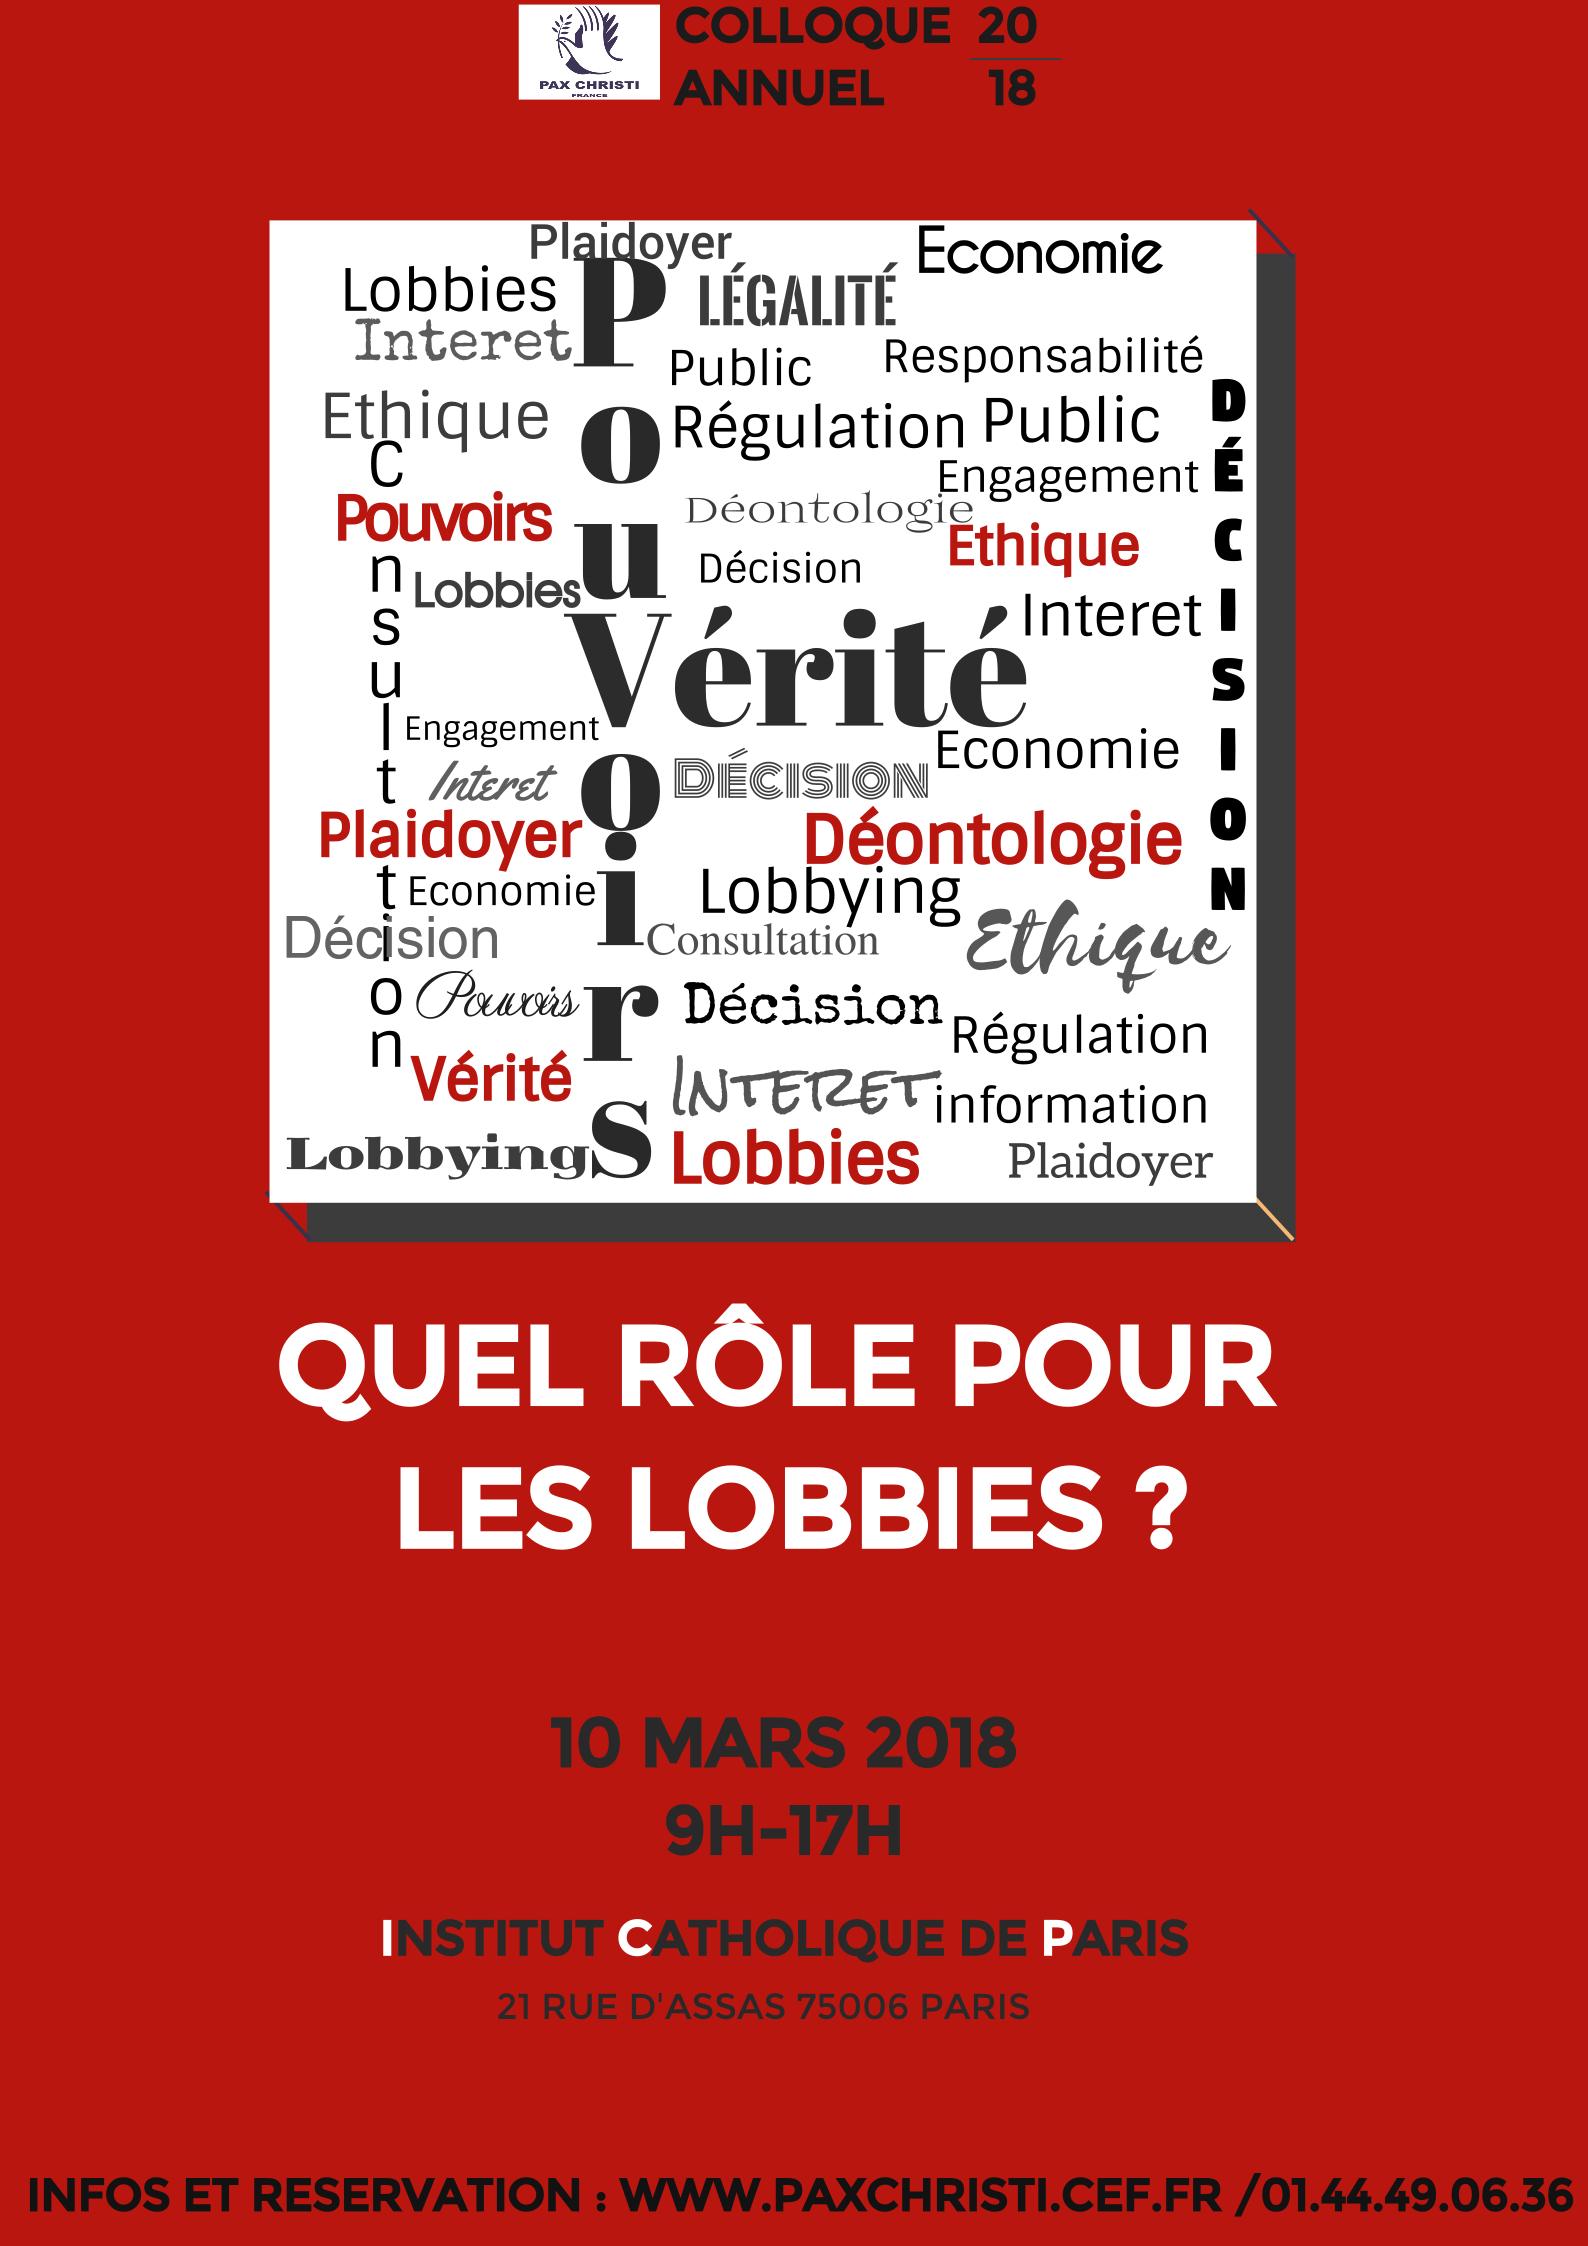 Vérité & Pouvoir quel rôle pour les lobby